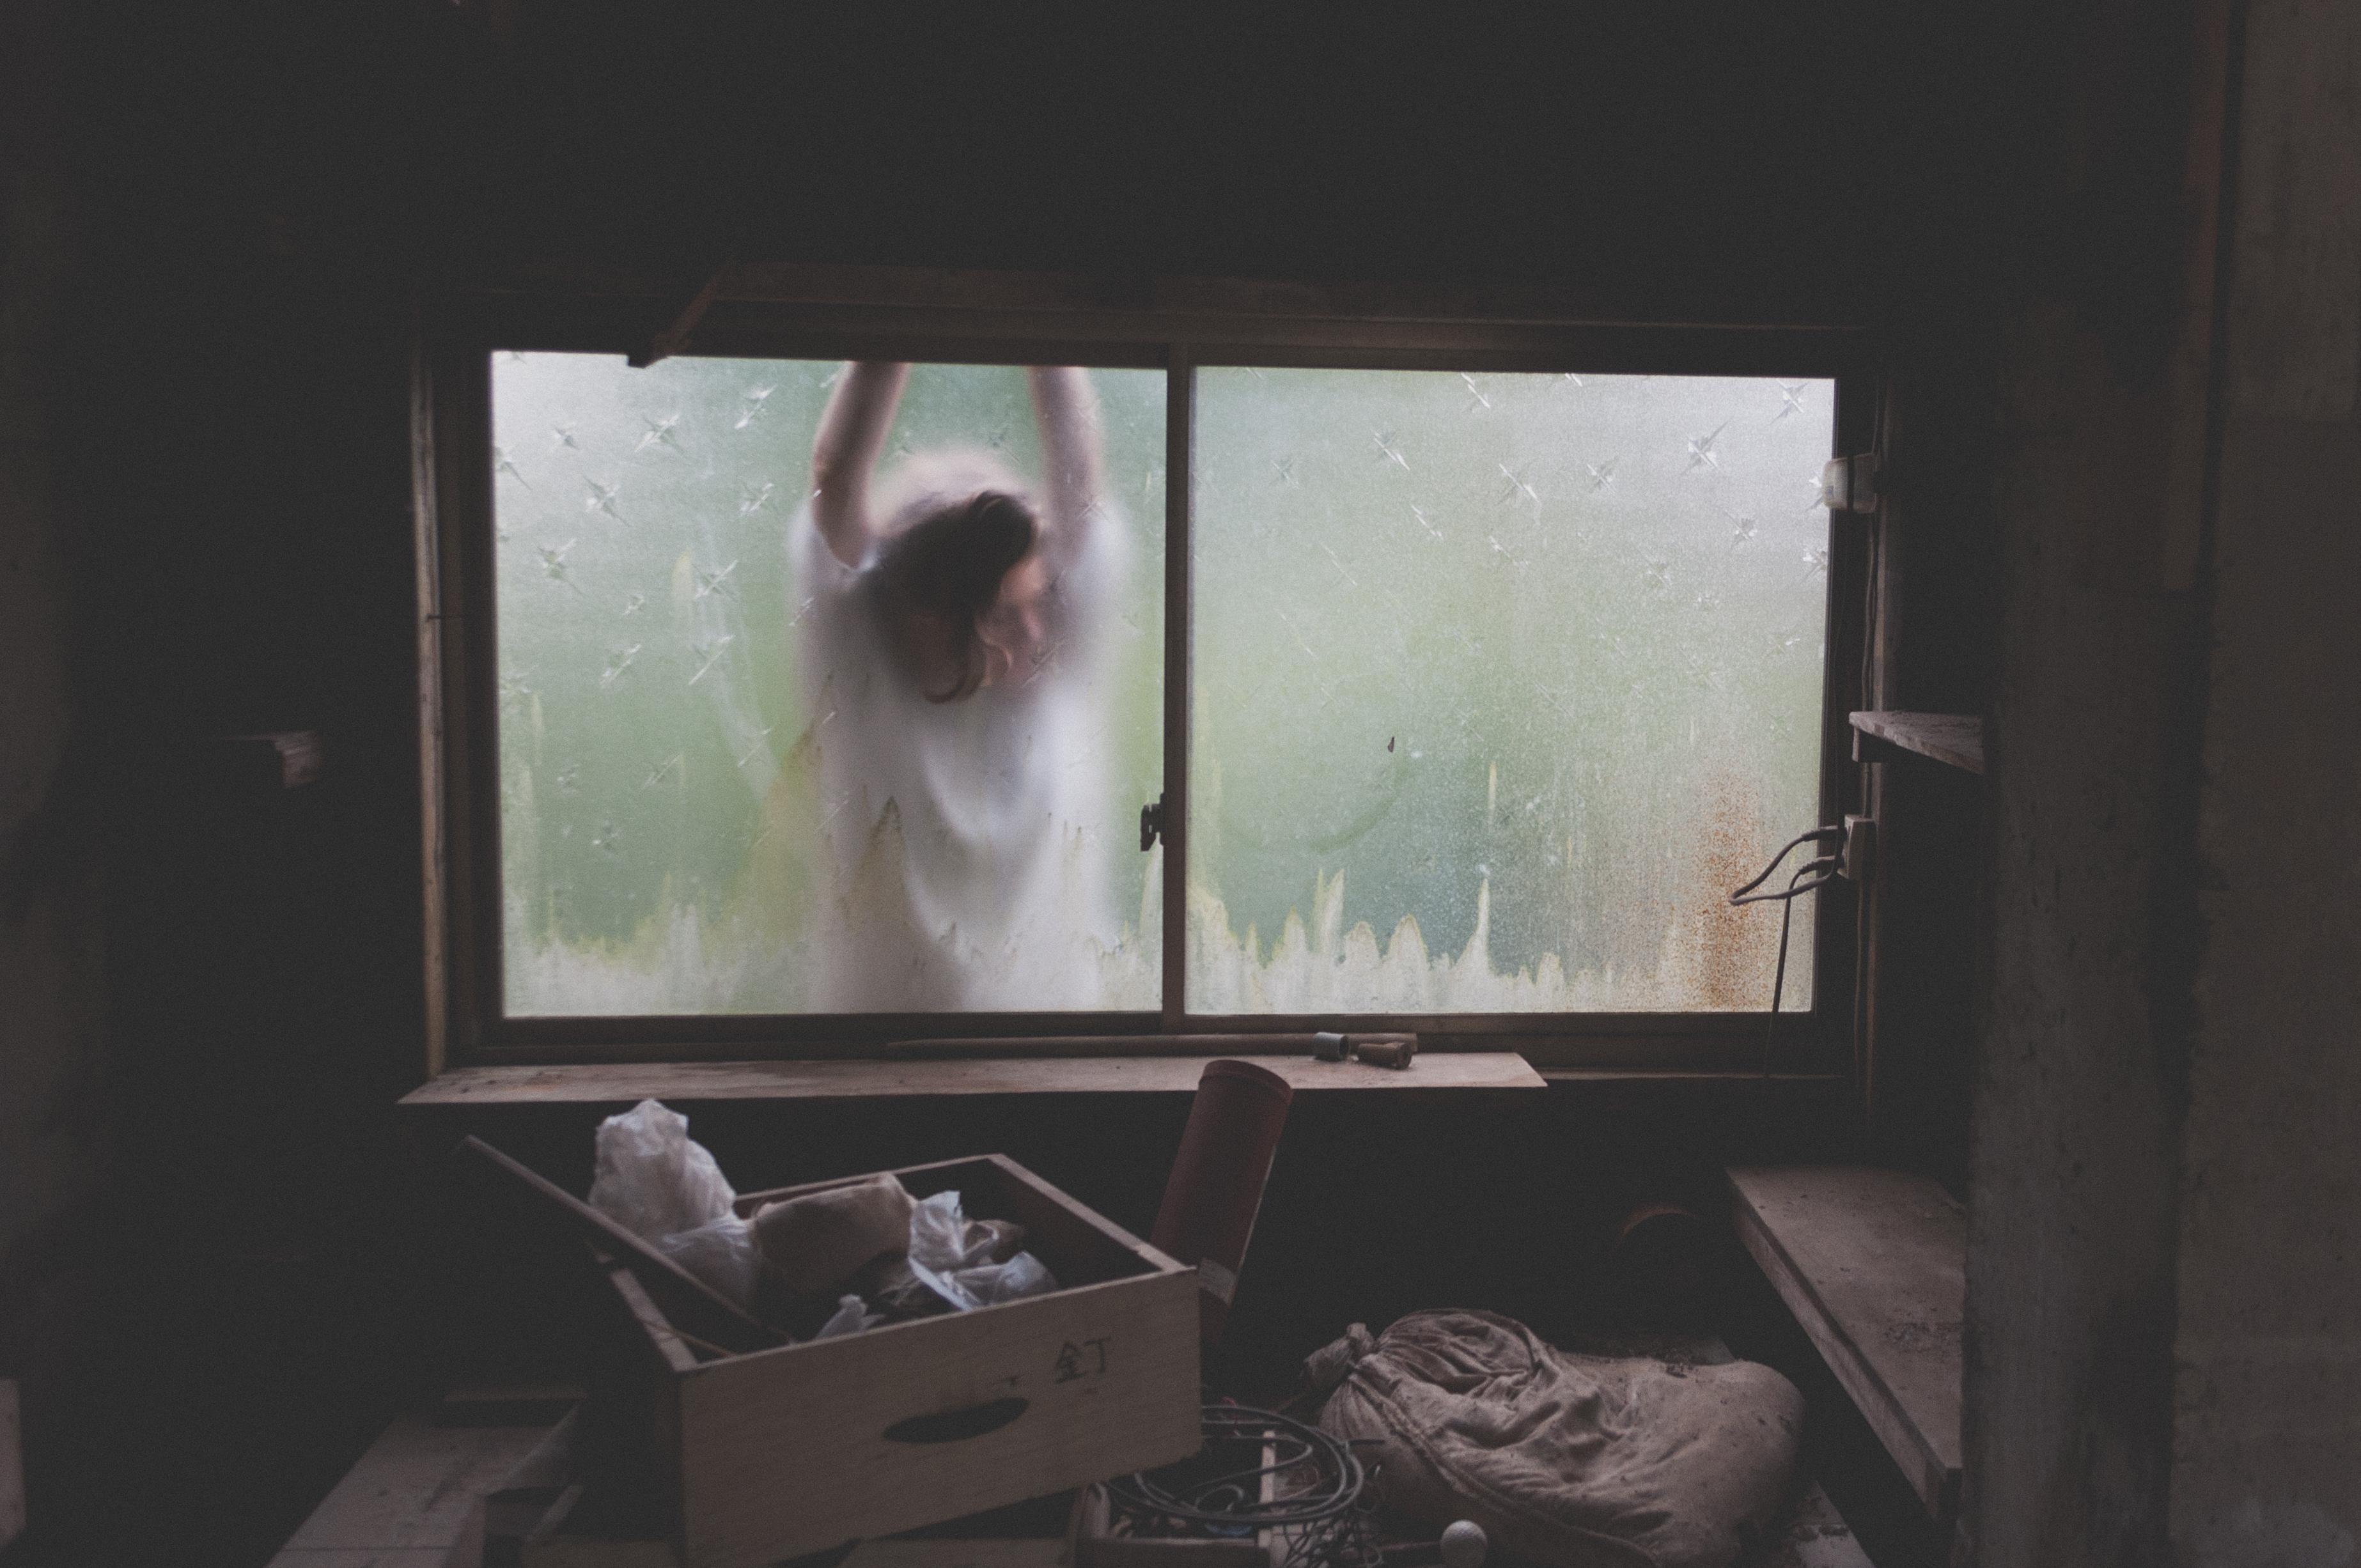 Gratis Afbeeldingen : persoon, wit, venster, muur, doos, kamer ...